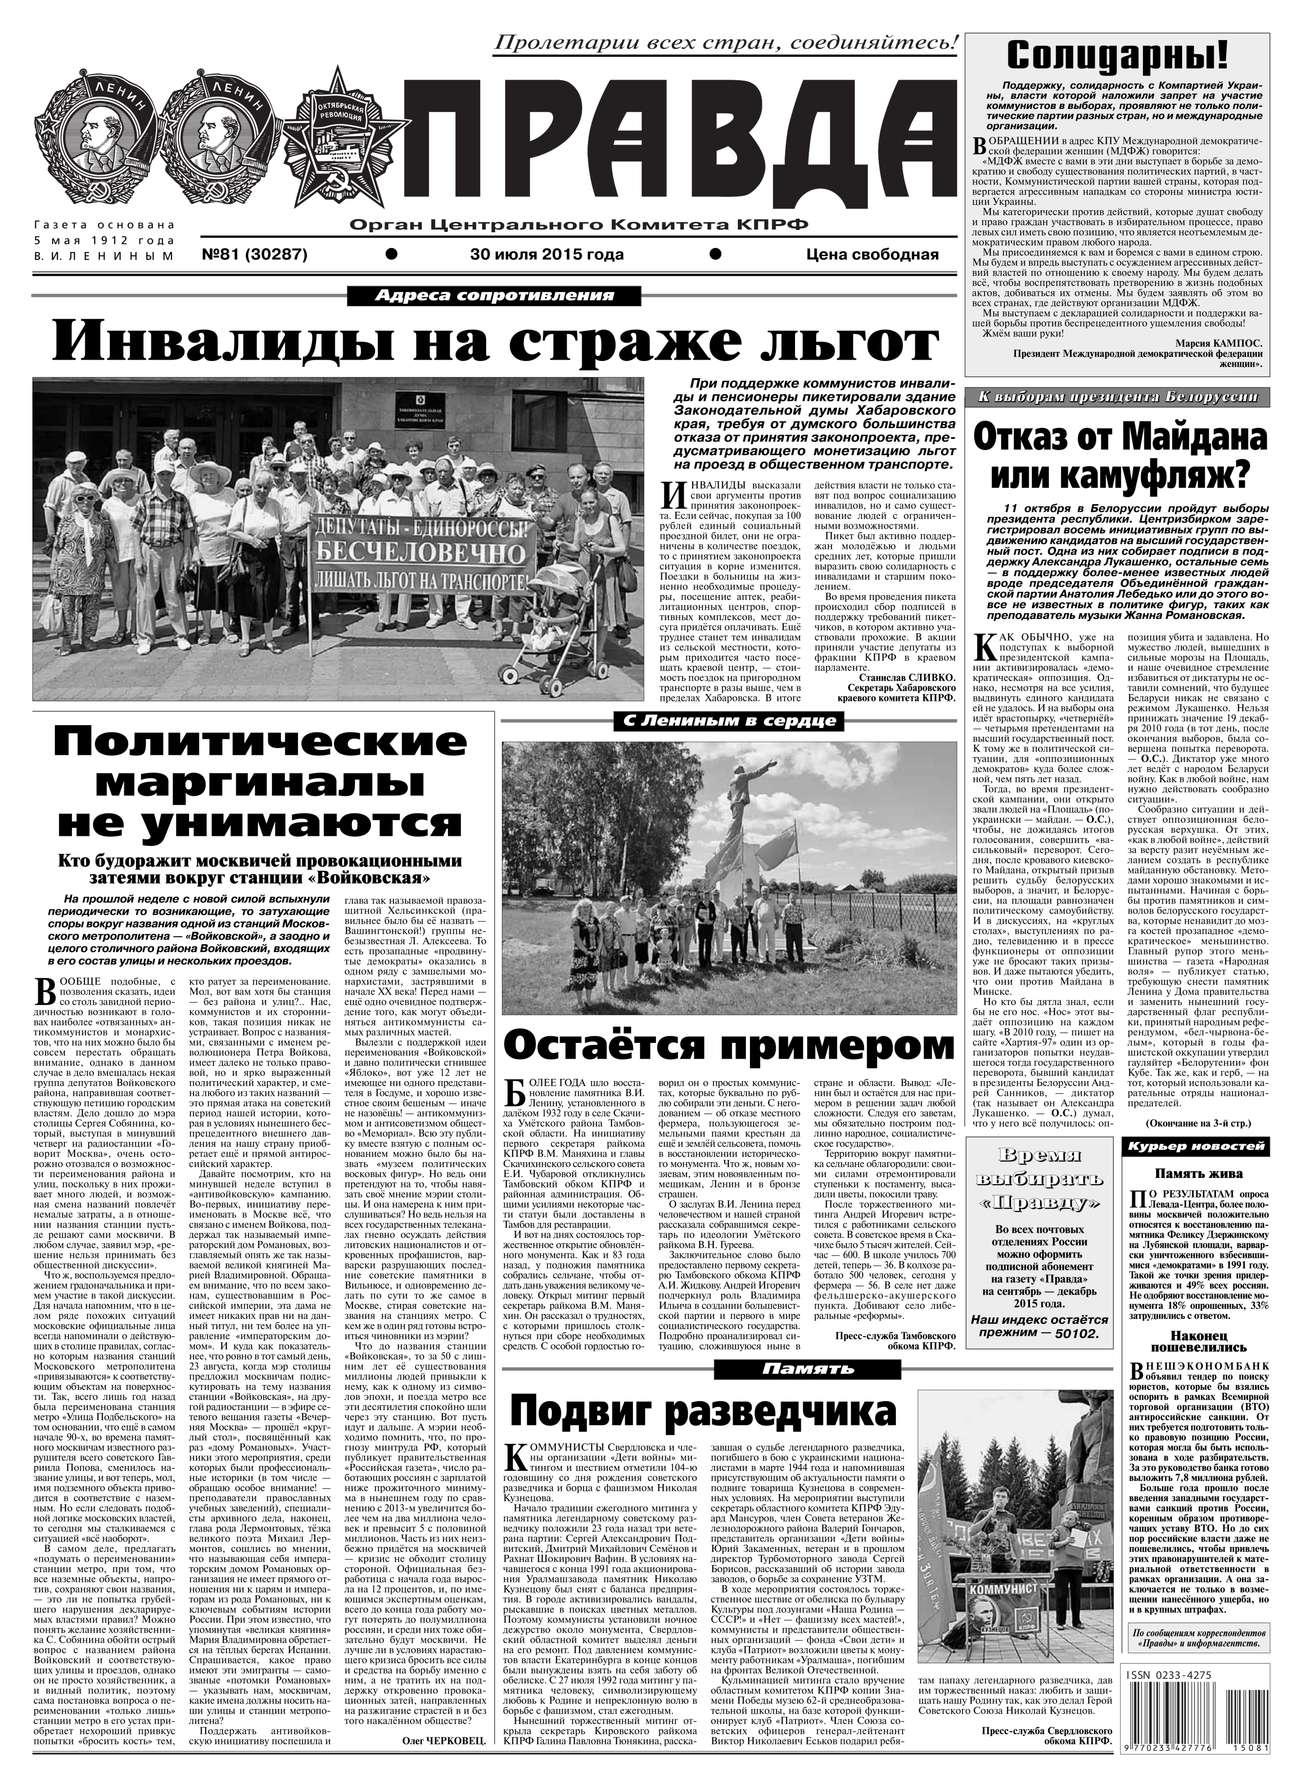 Редакция газеты Правда Правда 81-2015 цена в Москве и Питере